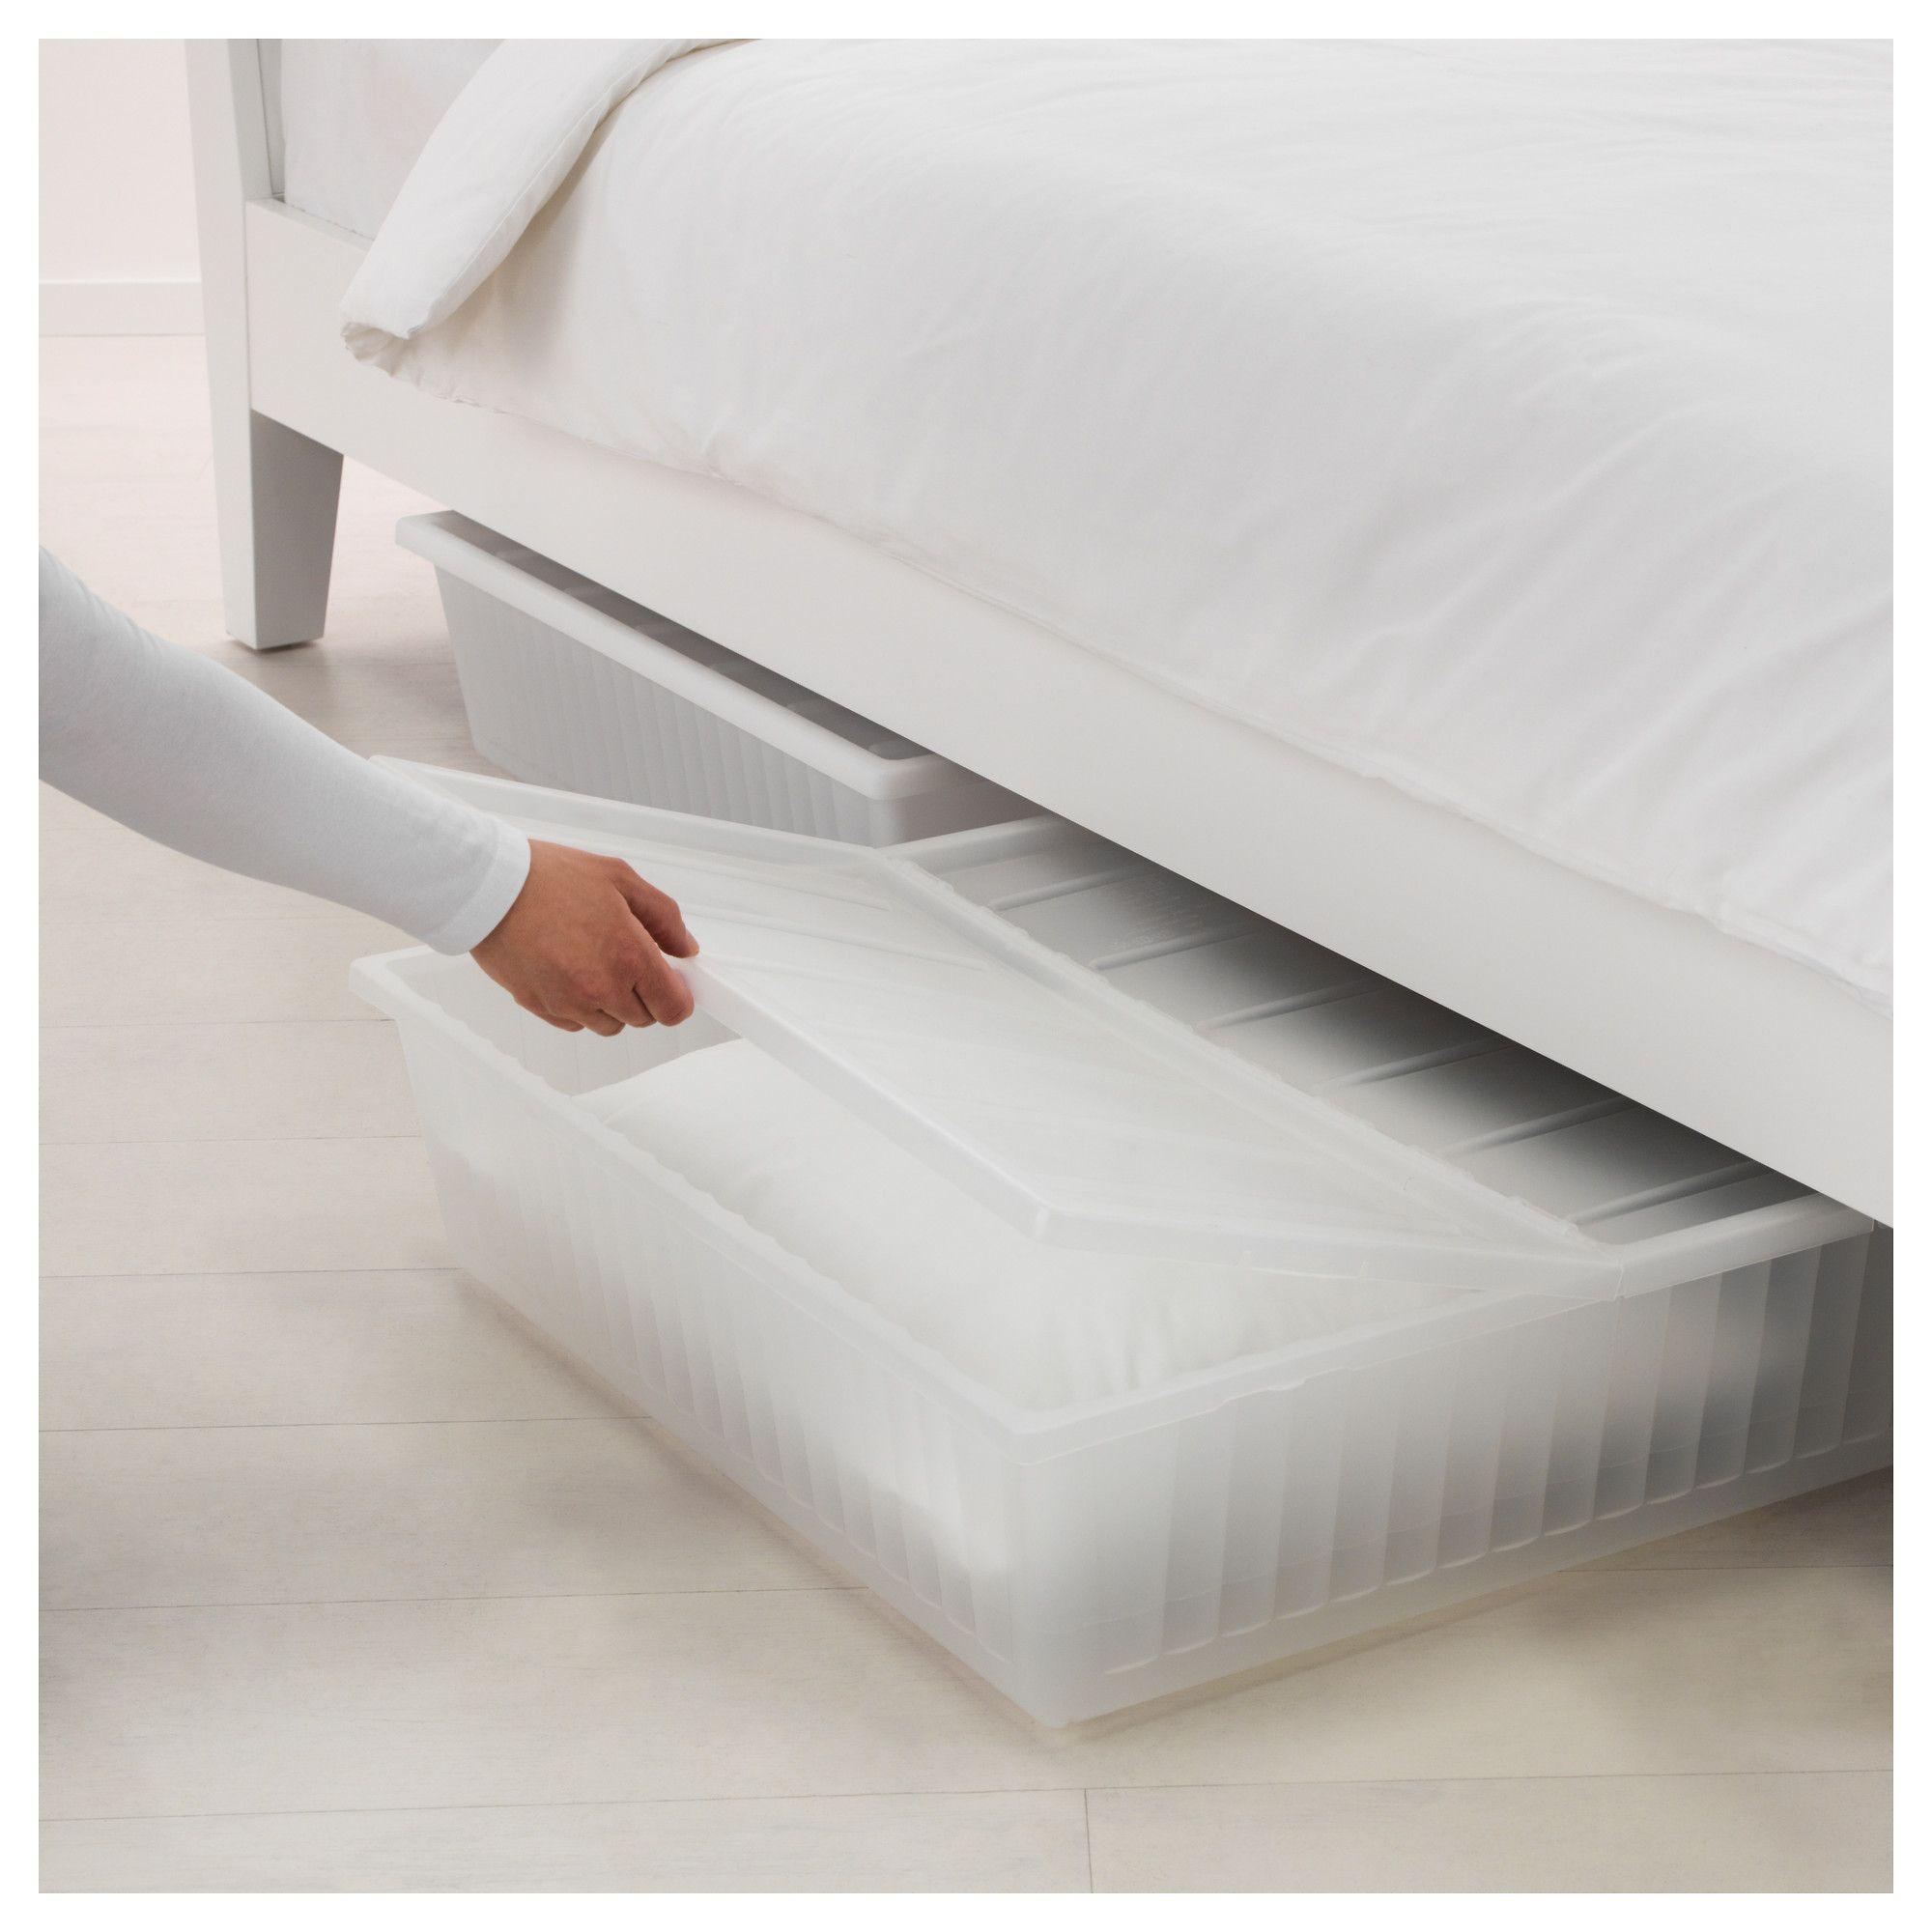 Gimse Bettkasten Weiss Bett Mit Aufbewahrung